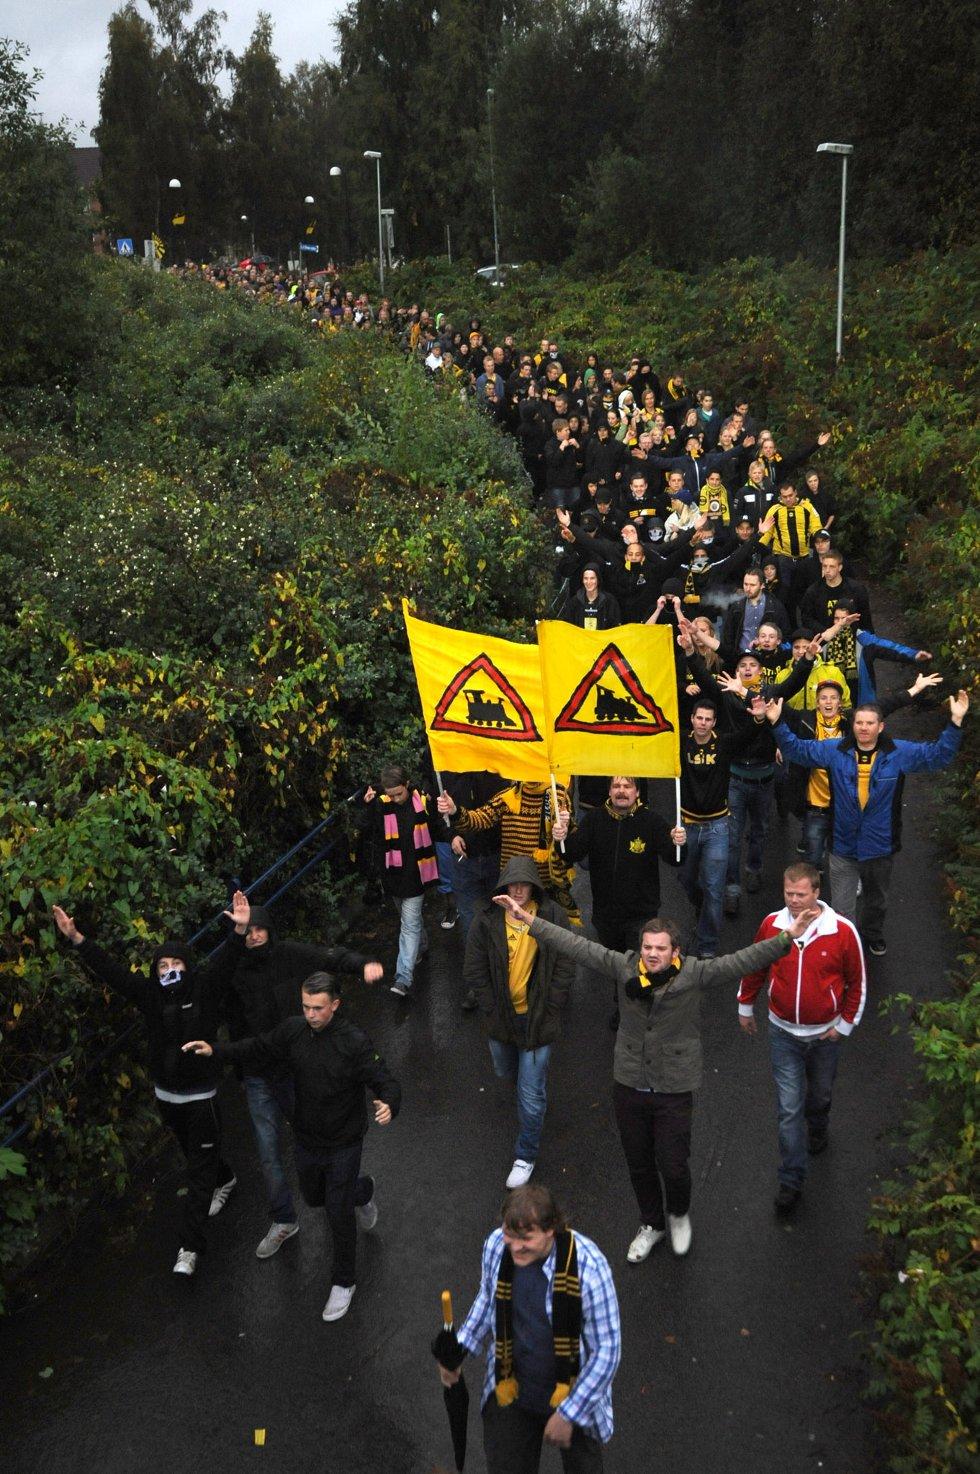 SNART FREMME: Gjengen har bare en undergang igjen før de er fremme på Åråsen. (Foto: Vidar Sandnes                   )